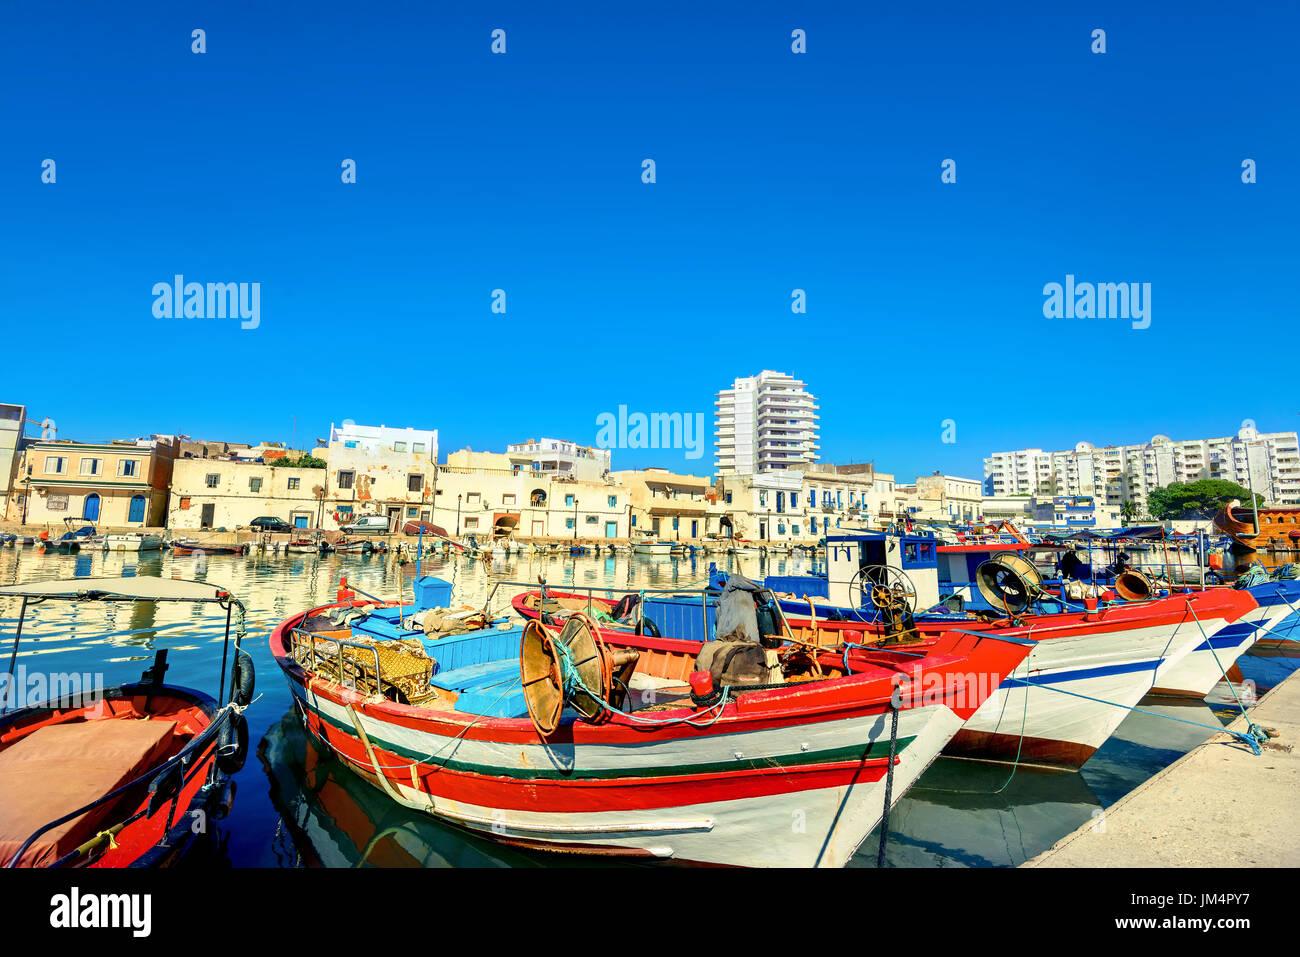 Vista panoramica di colorate barche da pesca in Bizerte. La Tunisia, Nord Africa Immagini Stock